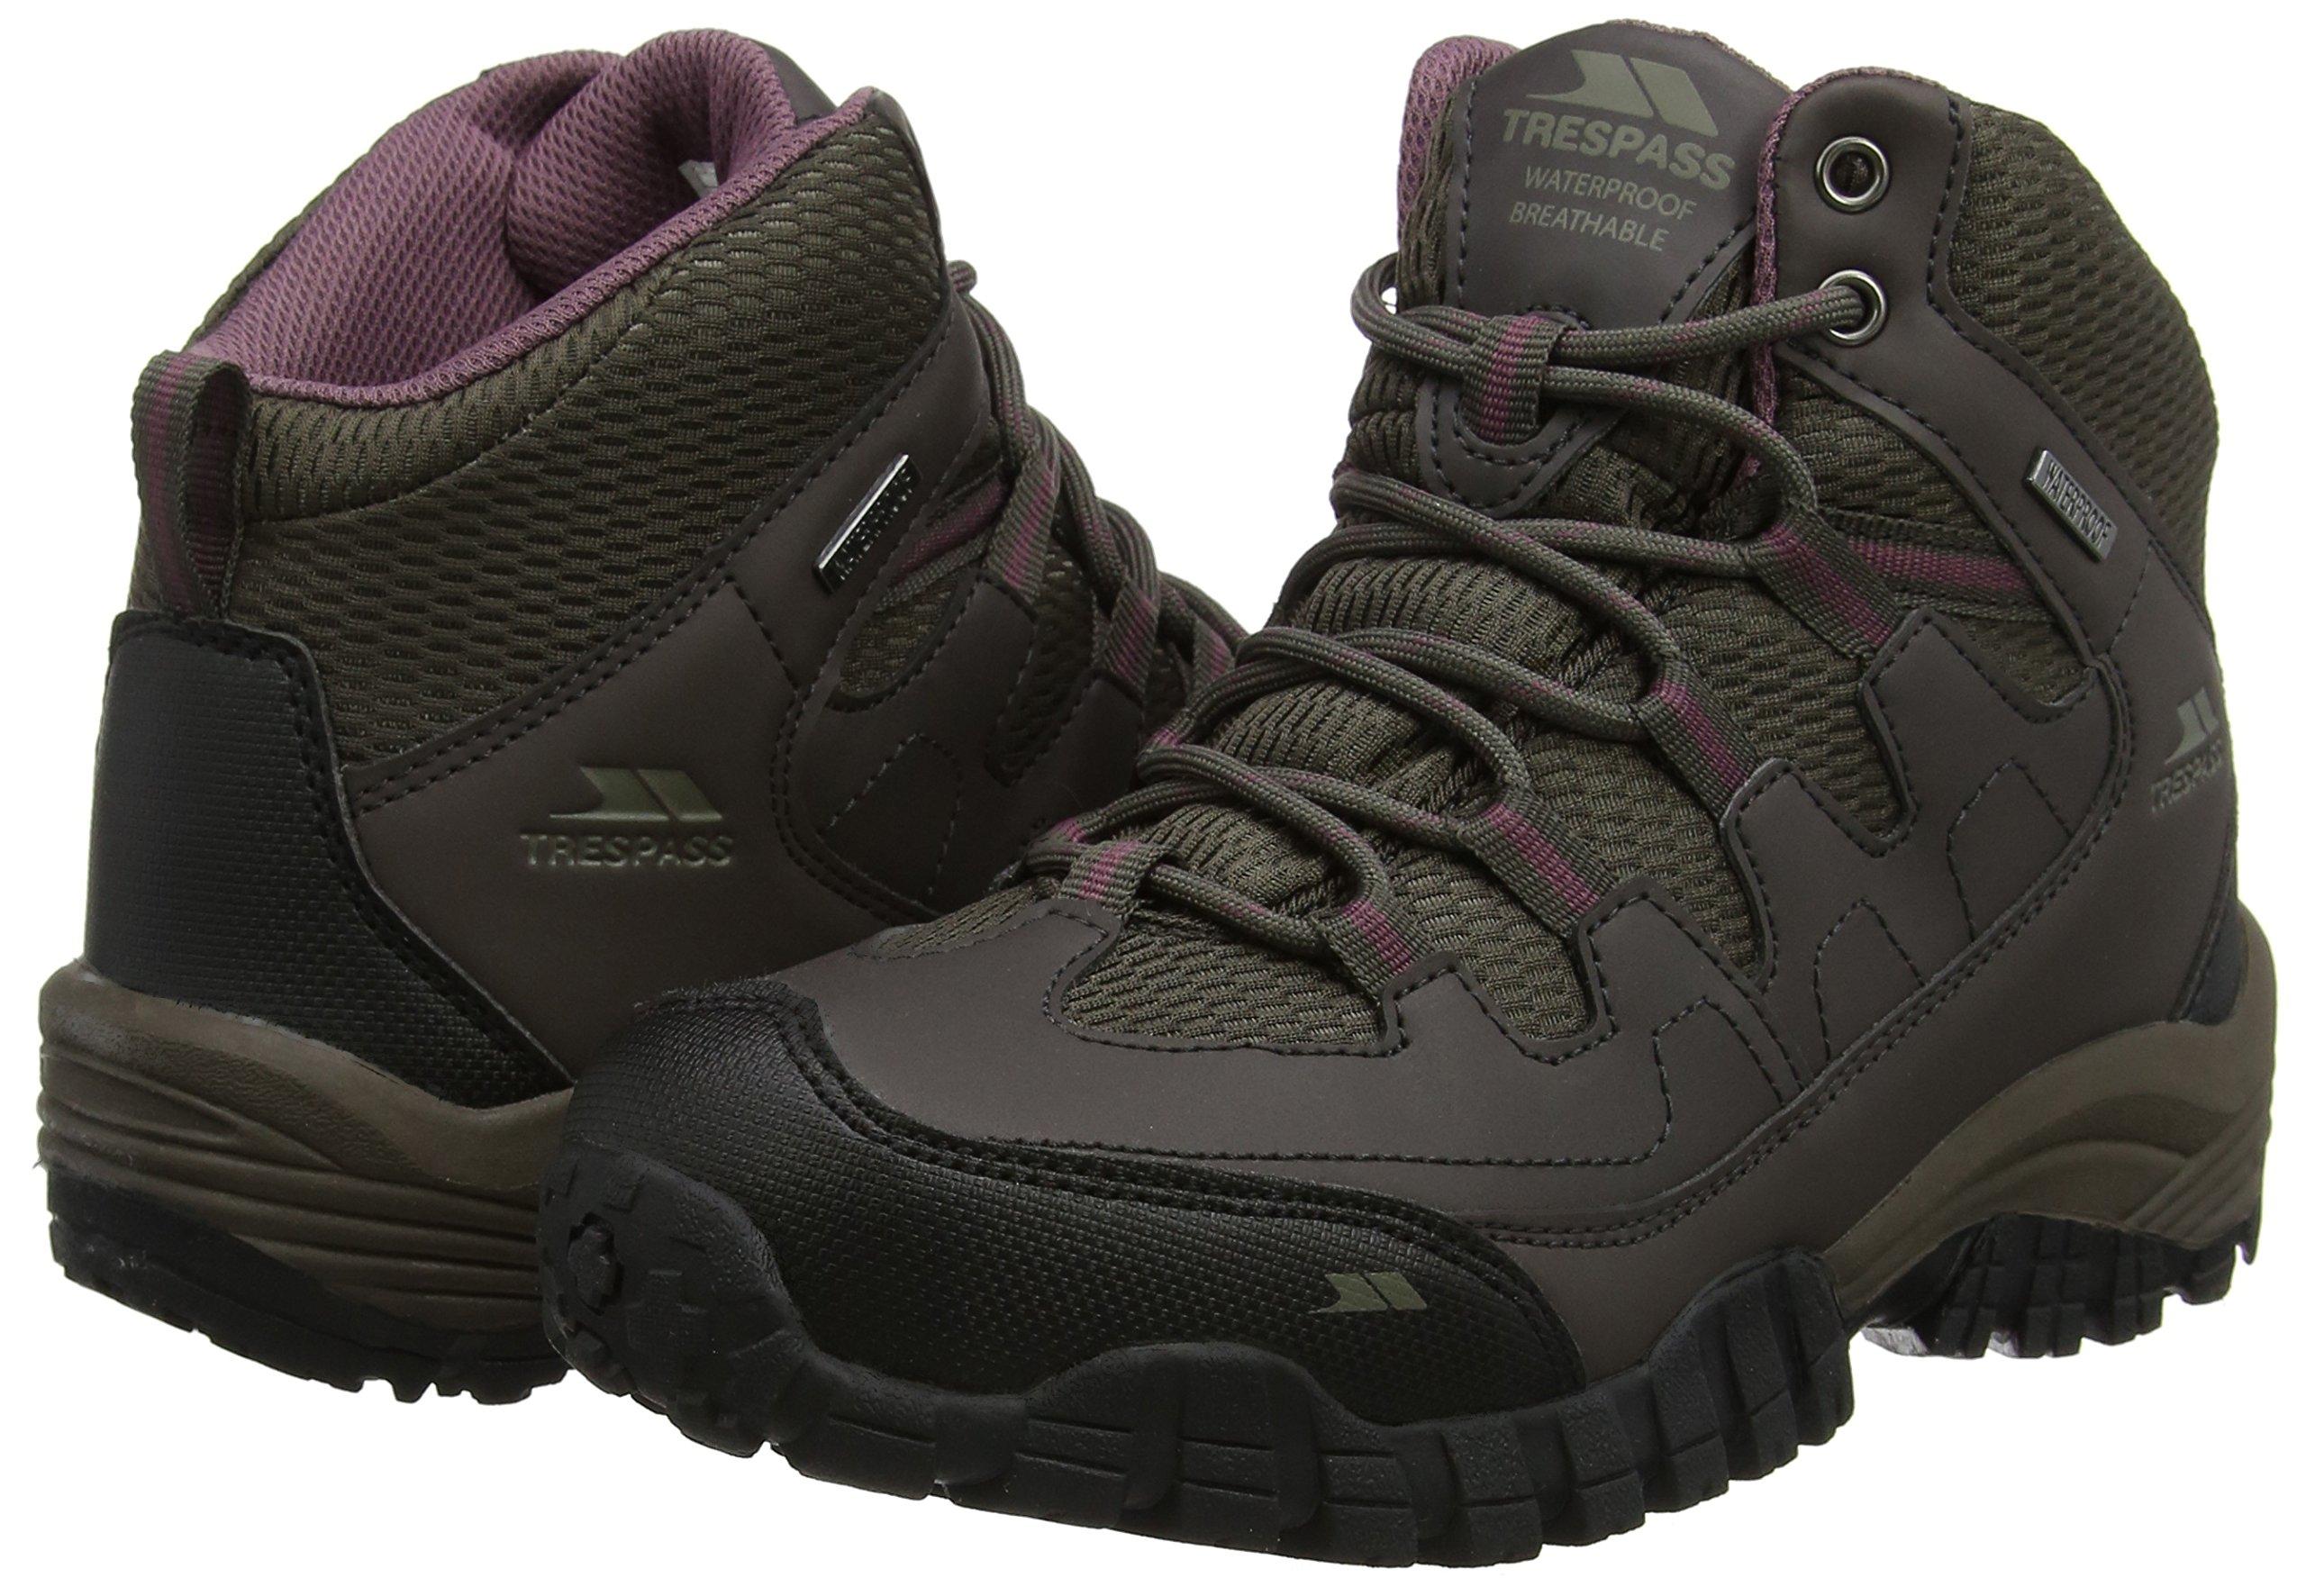 6cb459bb5e3 Trespass Mitzi, Women's High Rise Hiking Boots - UKsportsOutdoors